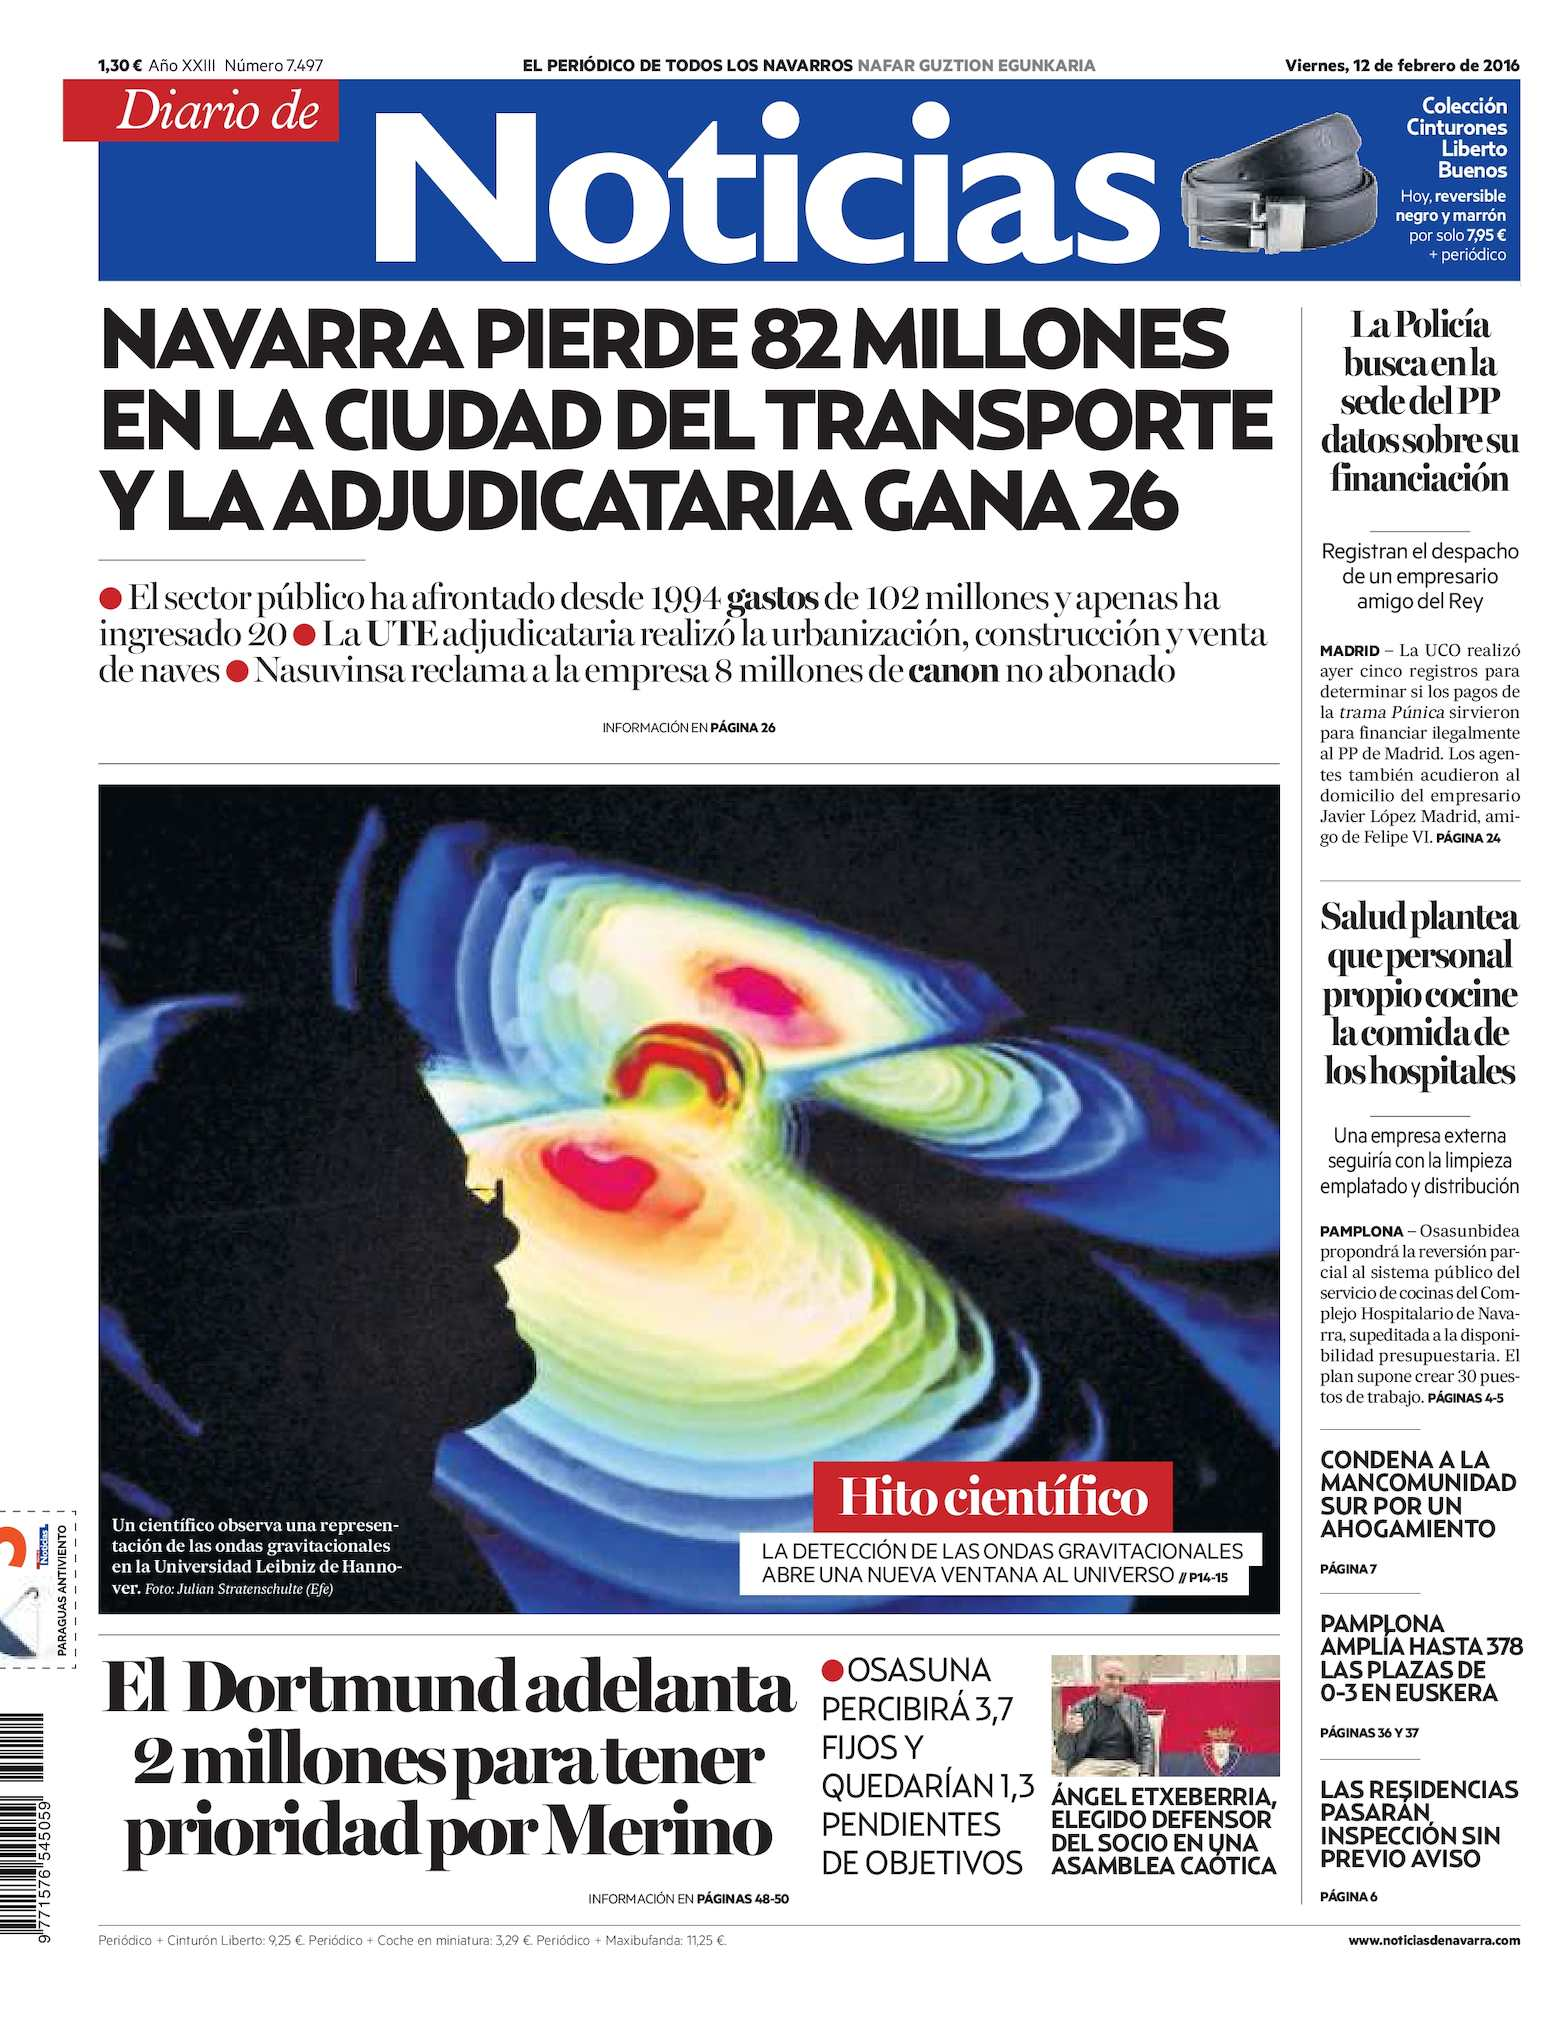 Calaméo - Diario de Noticias 20160212 0312e52f2e6